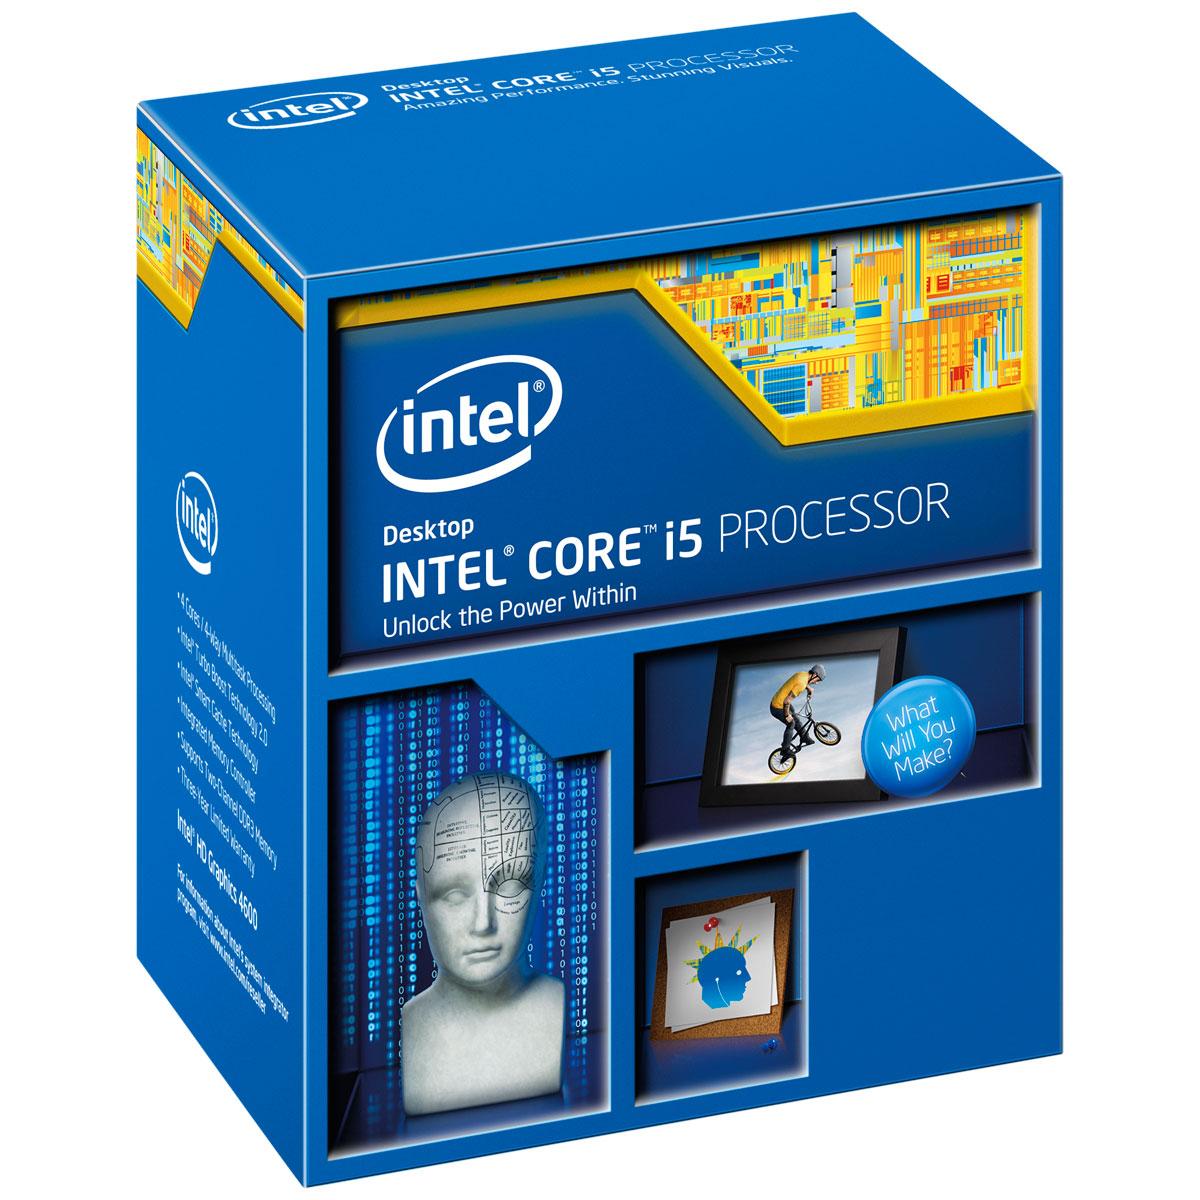 Processeur Intel Core i5-4670K (3.4 GHz) Processeur Quad Core Socket 1150 Cache L3 6 Mo Intel HD Graphics 4600 0.022 micron (version boîte - garantie Intel 3 ans)